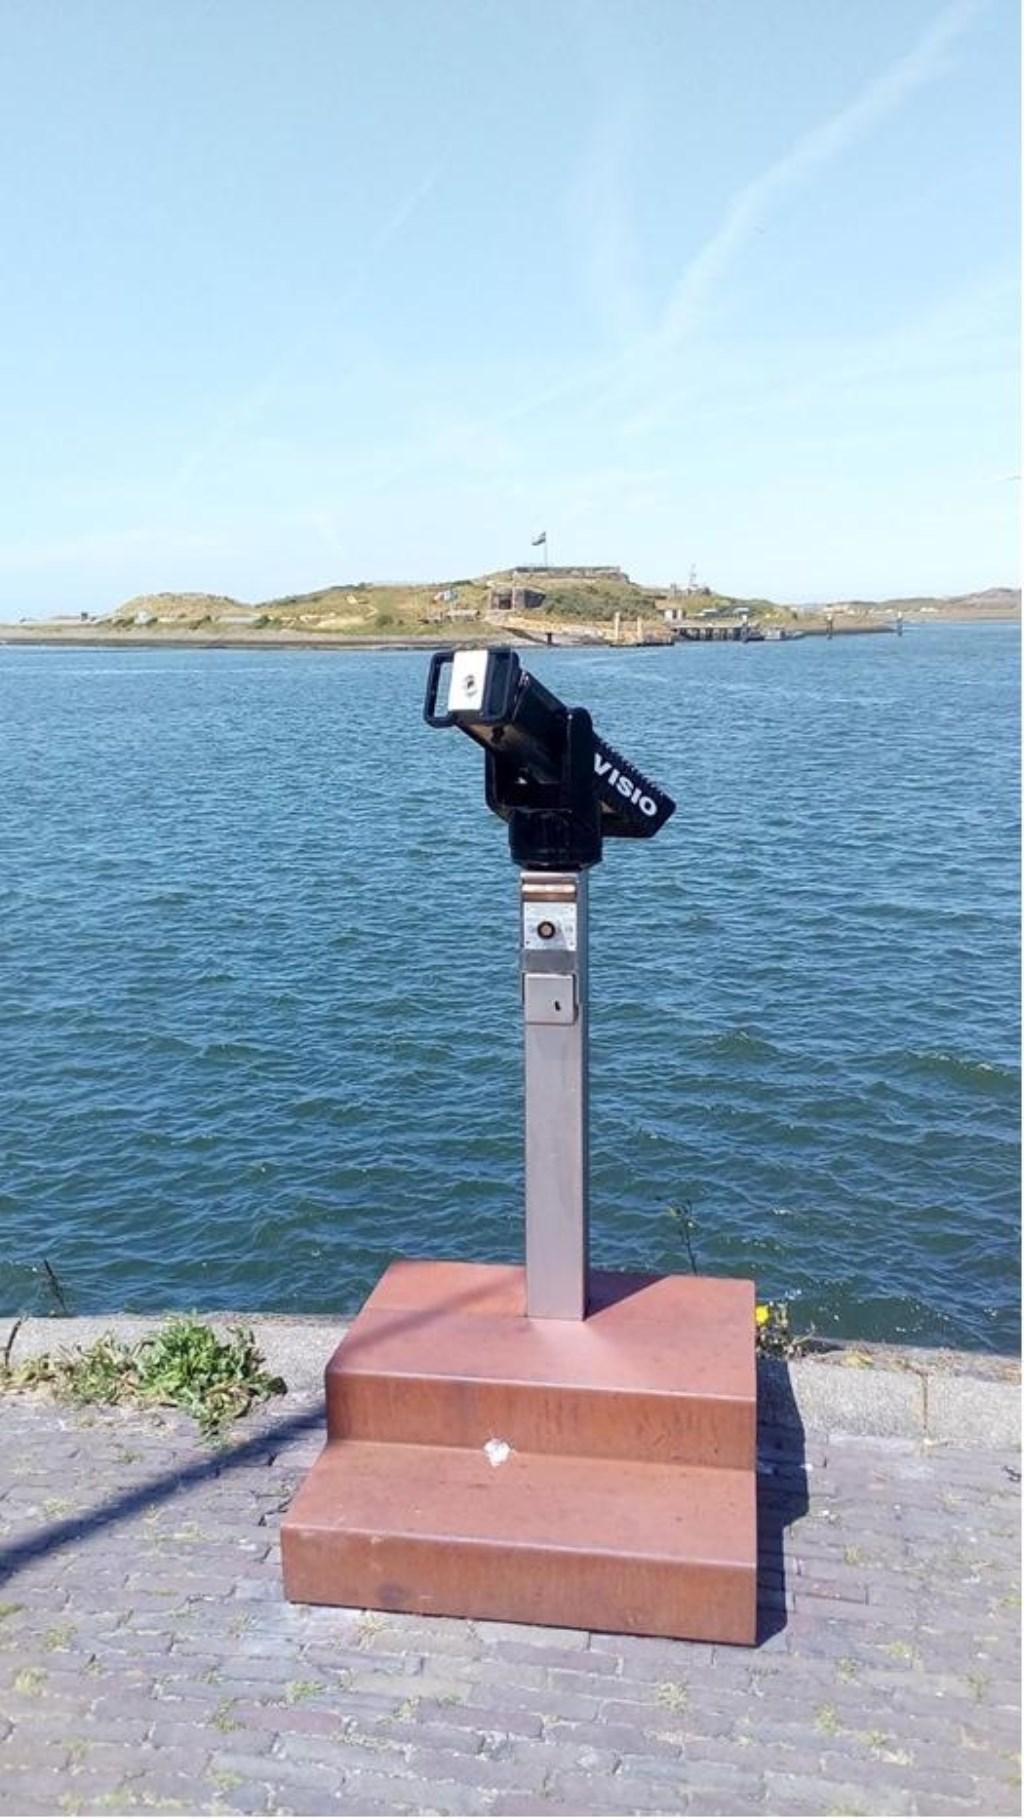 Op de kop van de haven is weer een verrekijker teruggekeerd. Een populaire en uitnodigende plek. Rauw aan zee © BDU